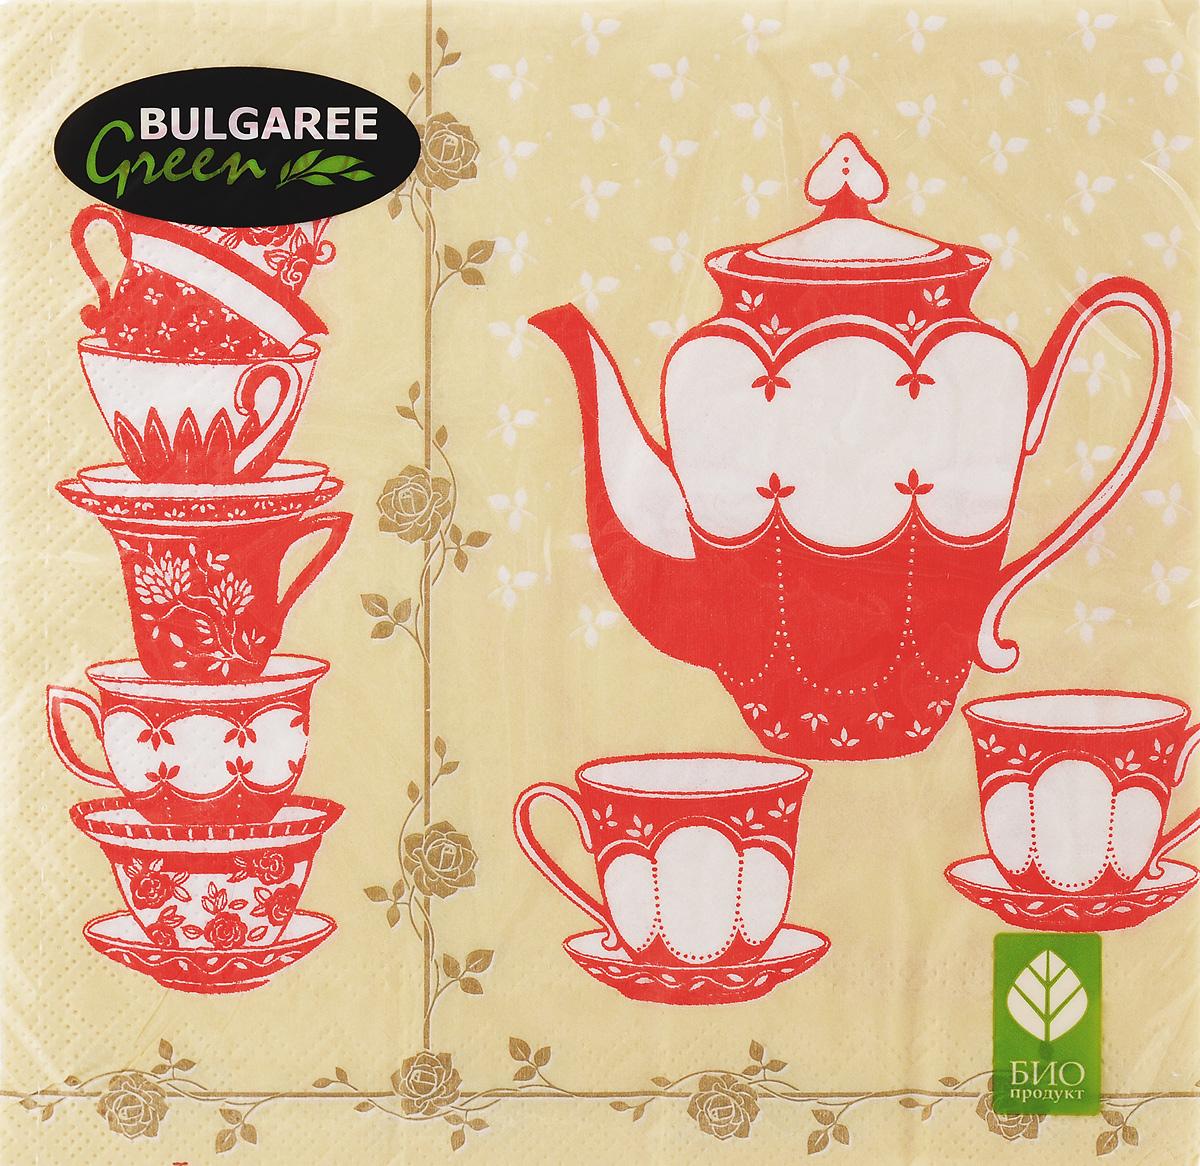 Салфетки бумажные Bulgaree Green Чайная церемония, трехслойные, 33 х 33 см, 20 штTC-14FL-ACДекоративные трехслойные салфетки Bulgaree Green Чайная церемония выполнены из 100%целлюлозы европейского качества и оформлены ярким рисунком. Изделия станут отличным дополнением любого праздничного стола. Они отличаются необычной мягкостью, прочностью и оригинальностью.Размер салфеток в развернутом виде: 33 х 33 см.